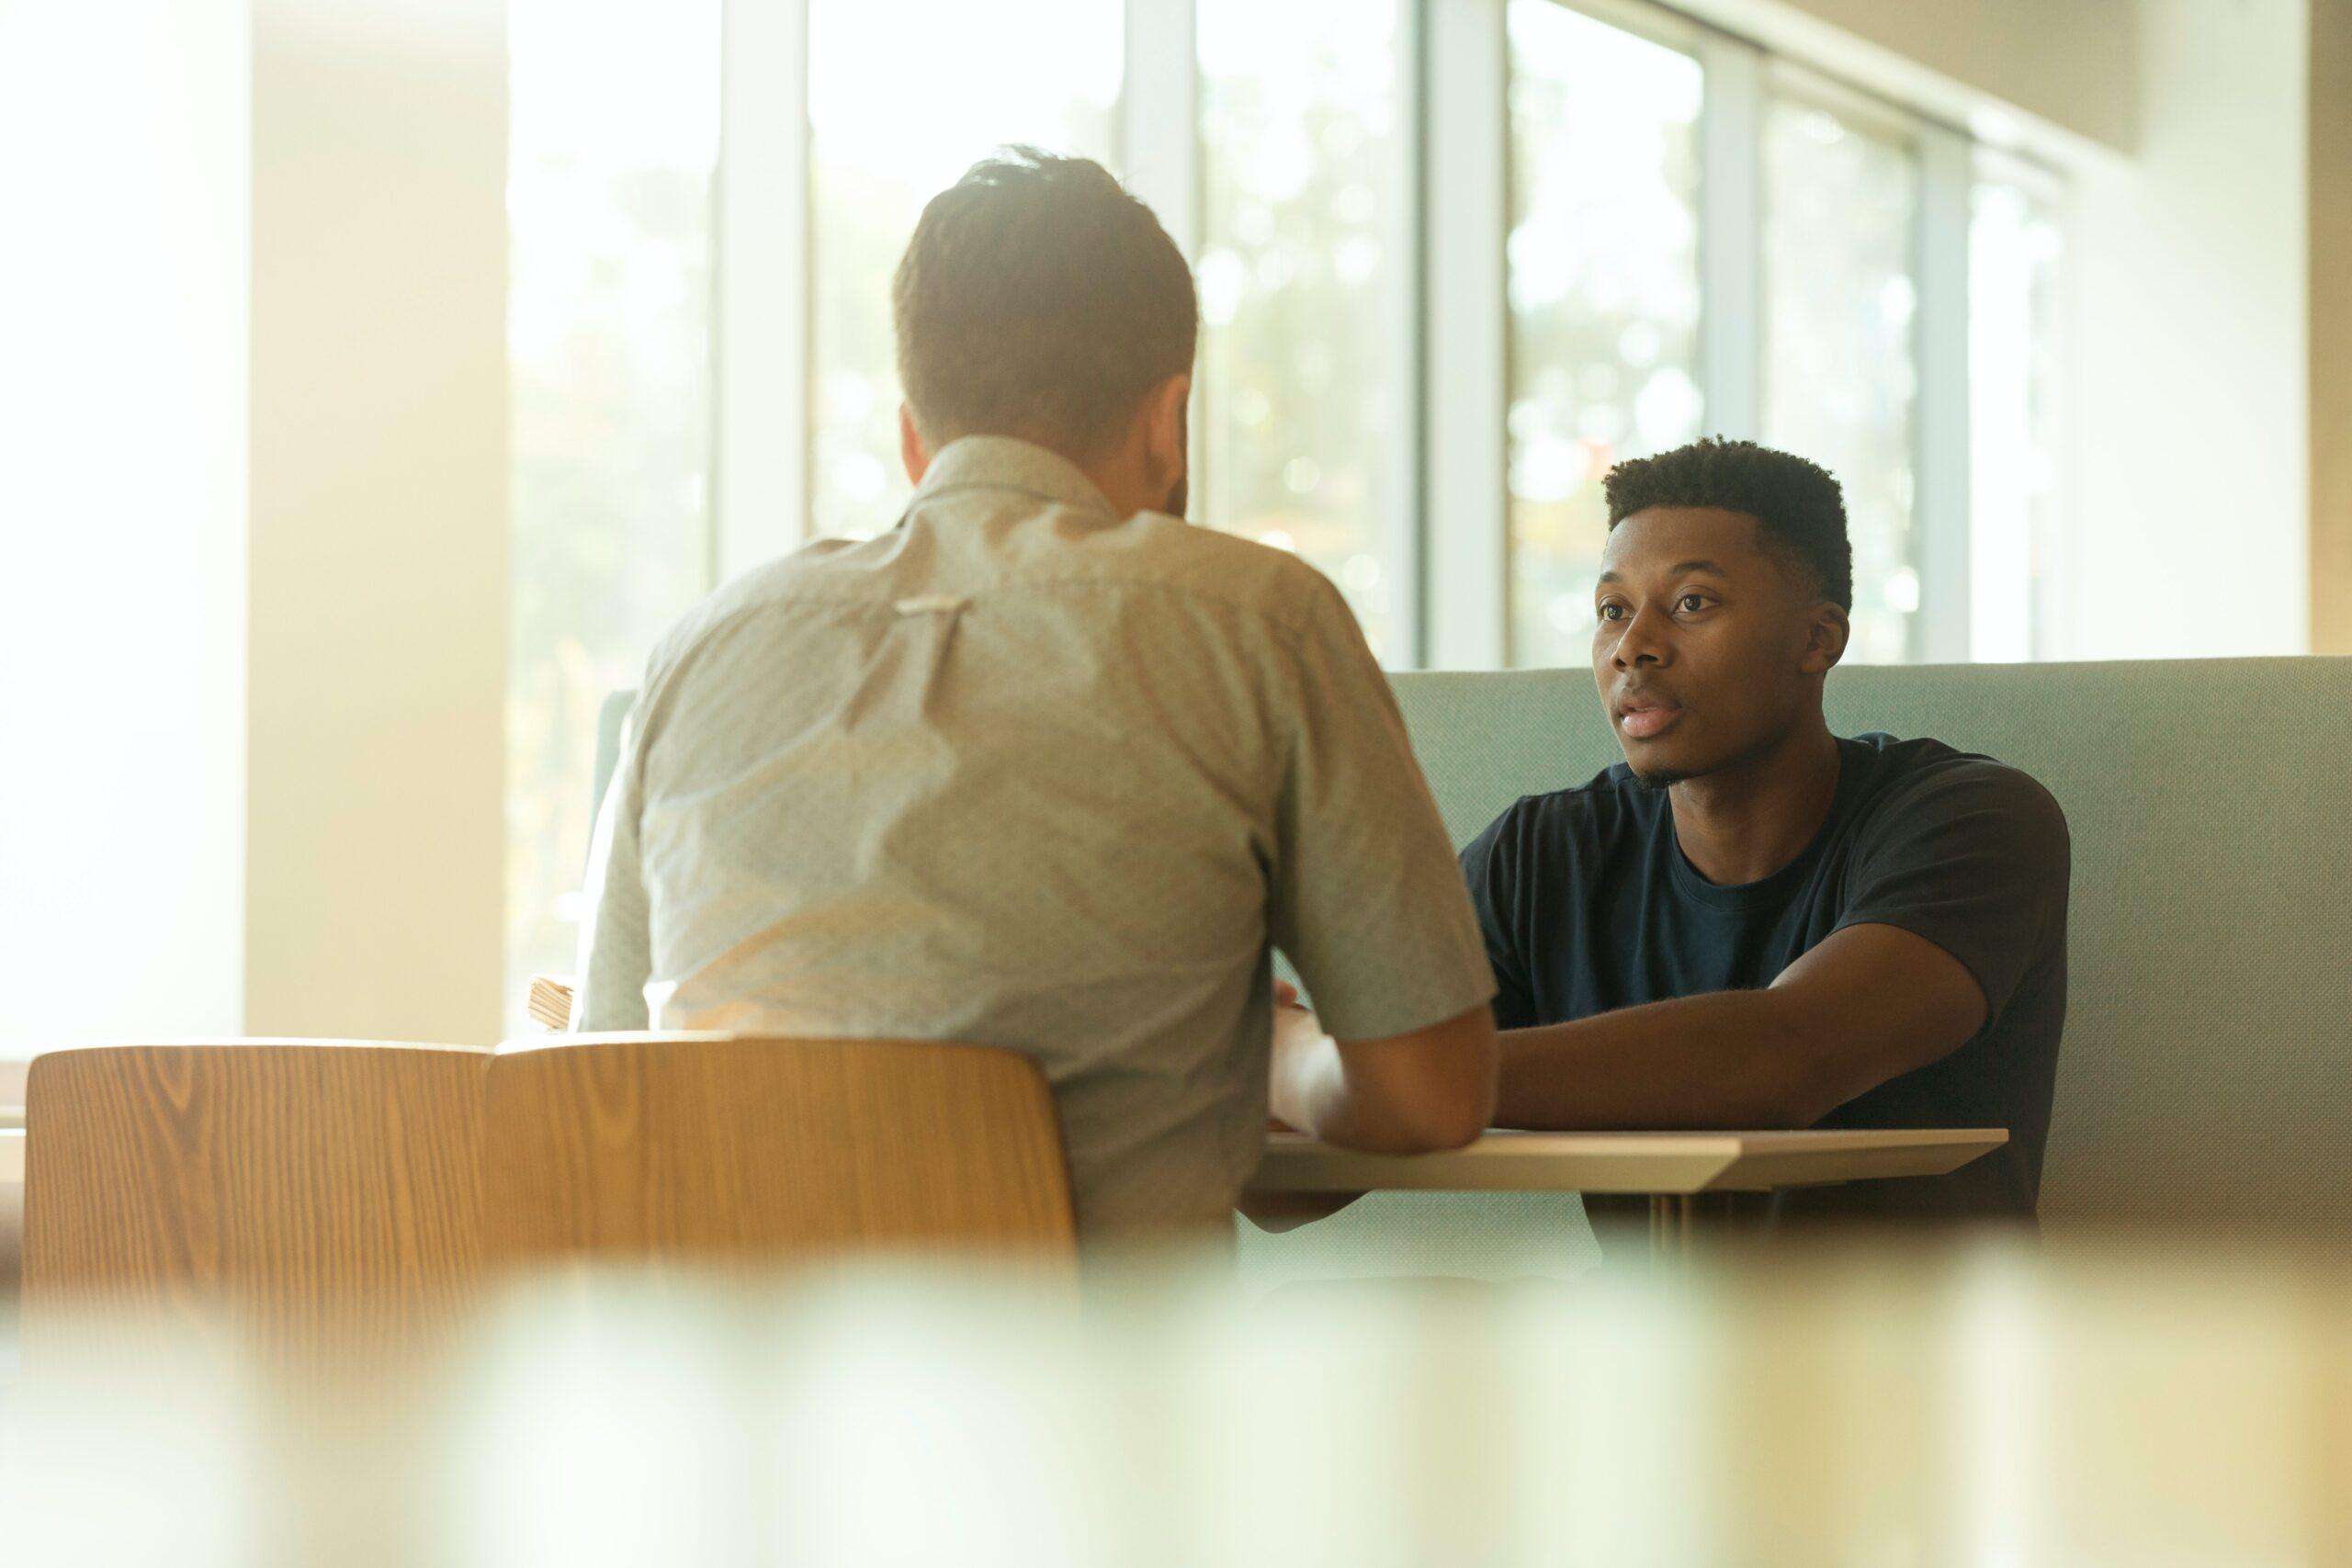 Wybuch emocji na spotkaniu z pracownikiem. Jak sobie poradzić?